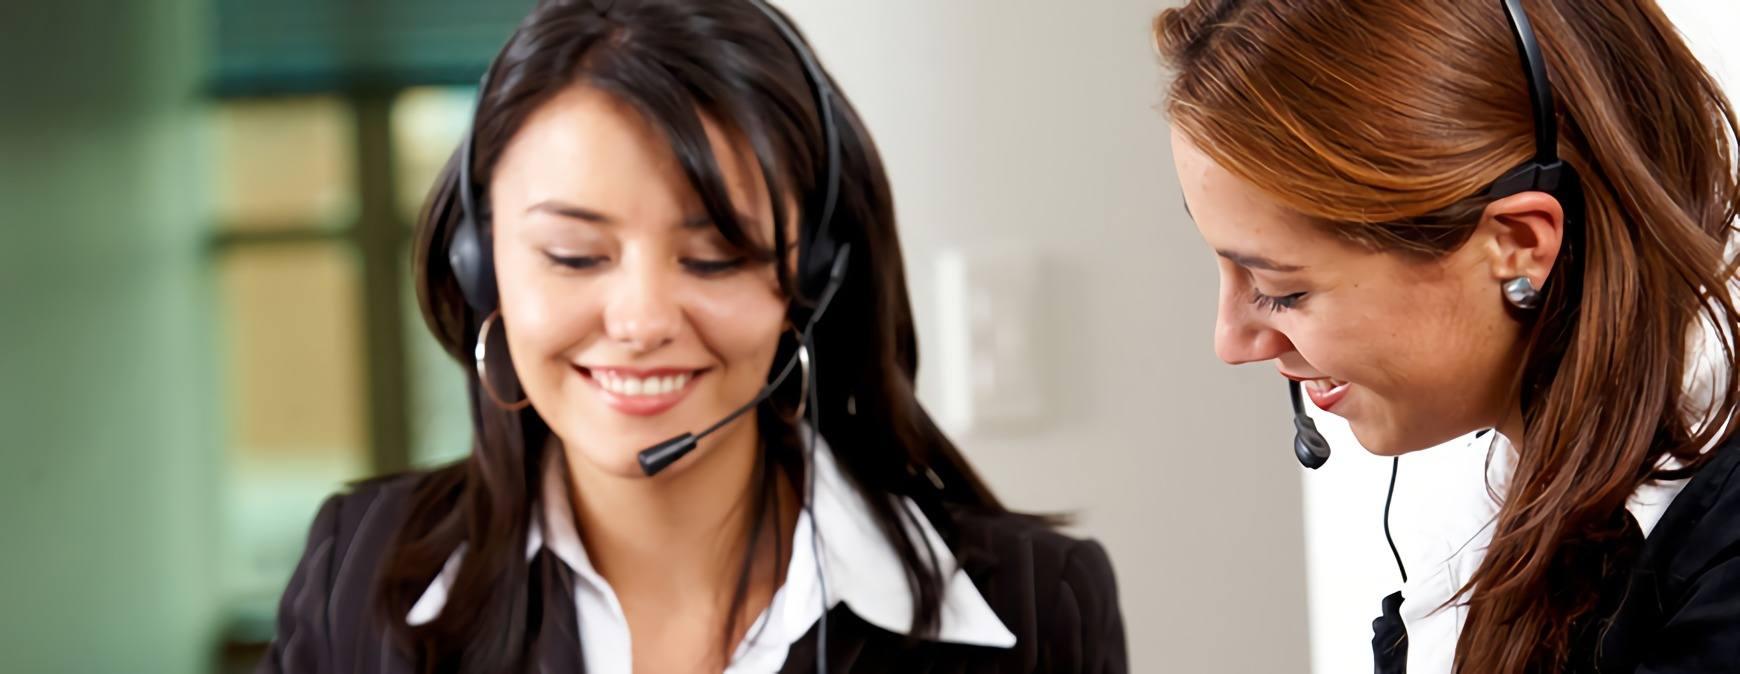 hvac customer service